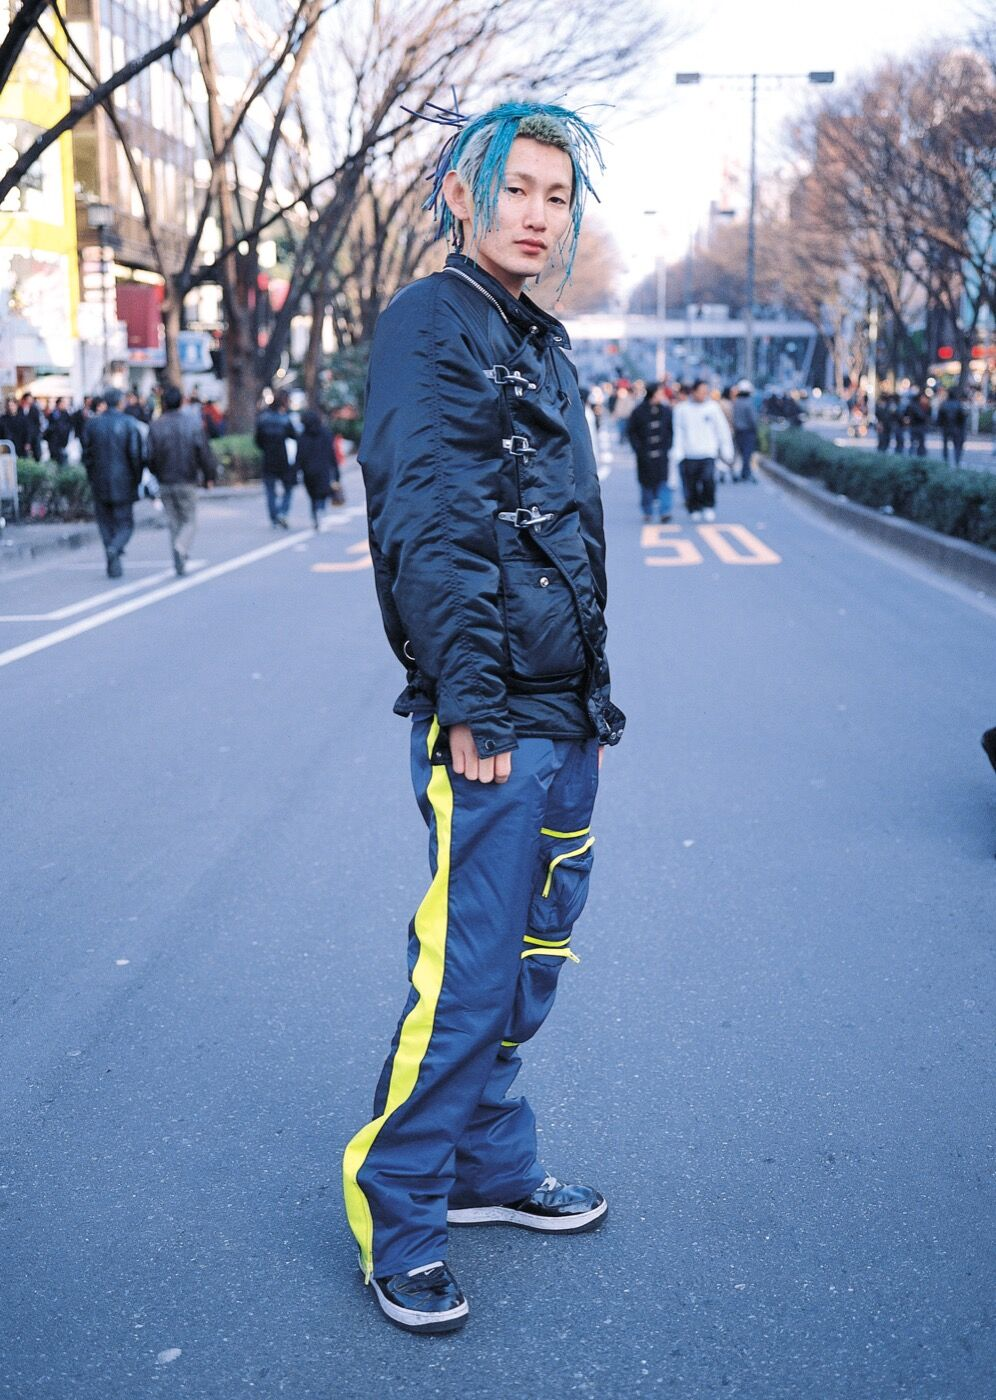 Photo by Shoichi Aoki. Courtesy of Shoichi Aoki.